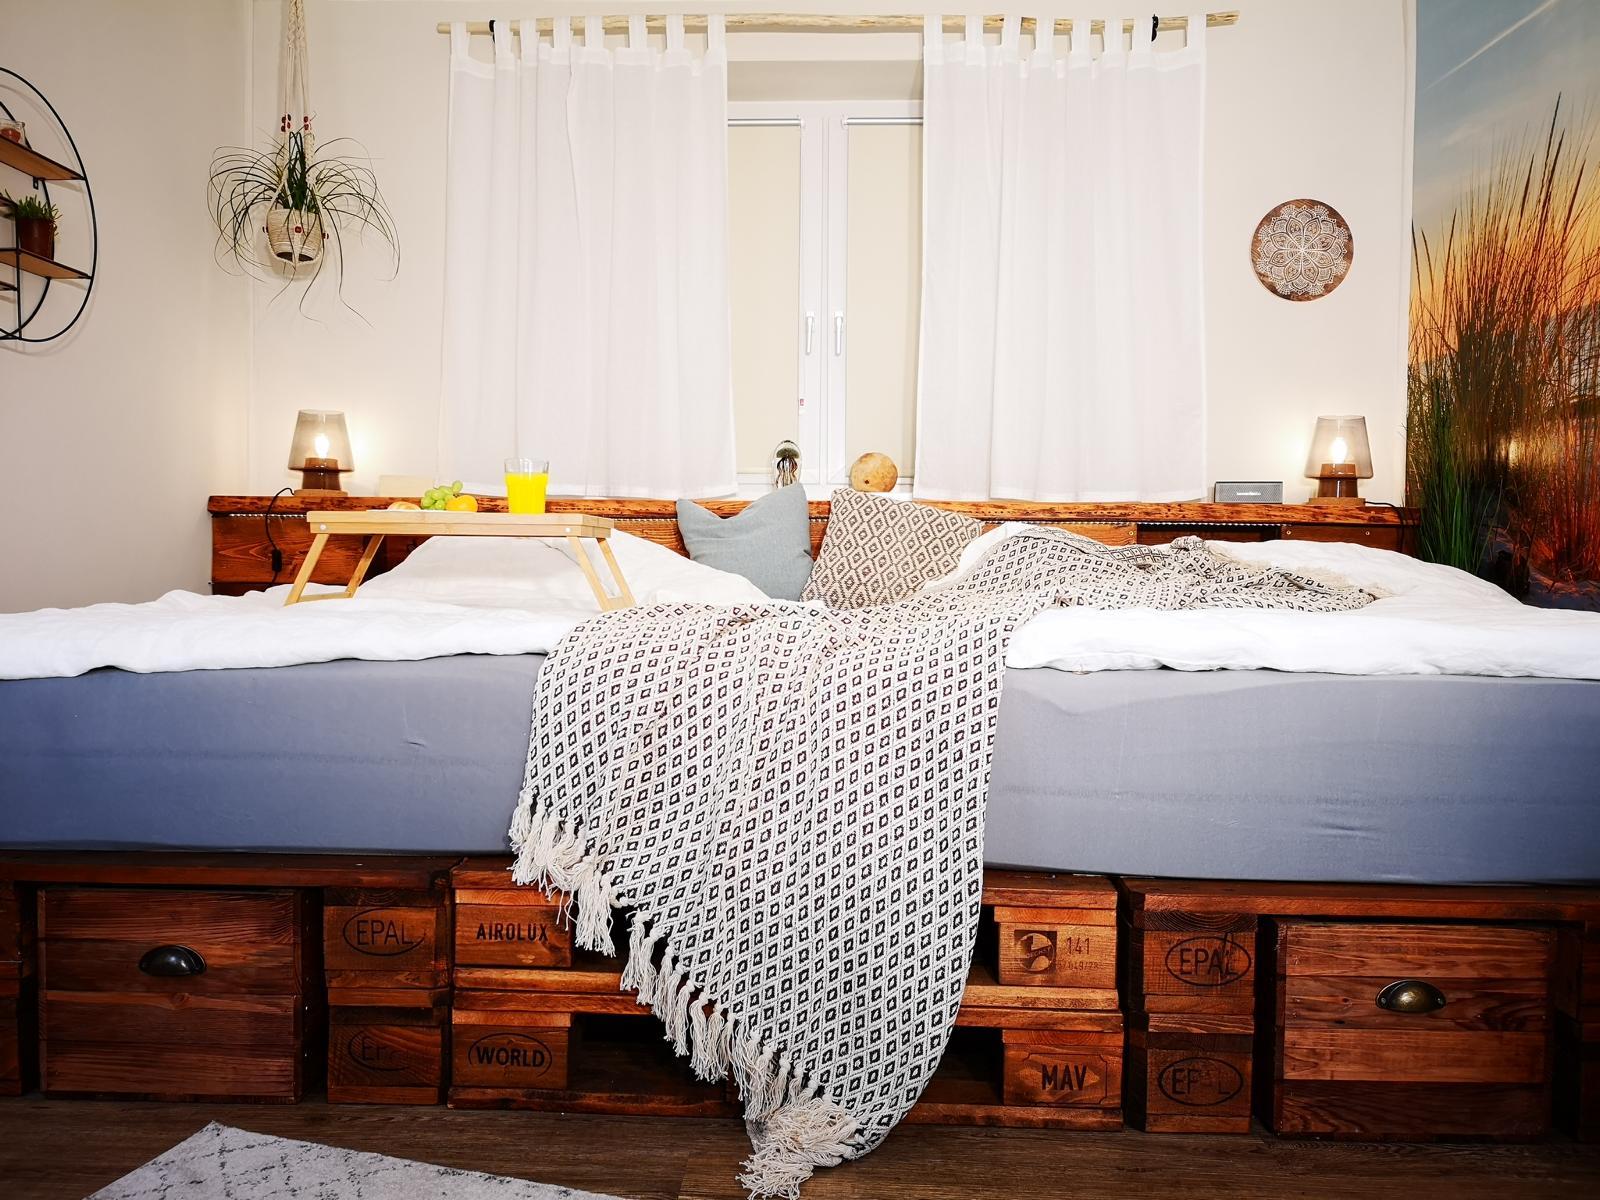 Full Size of Bett Palettenbett Selber Bauen Kaufen Europaletten Betten Aus Paletten Erhöhtes Holz Such Frau Fürs Köln Balken Mit Bettkasten Jugend Schwarz Weiß Bett Bett 1.40